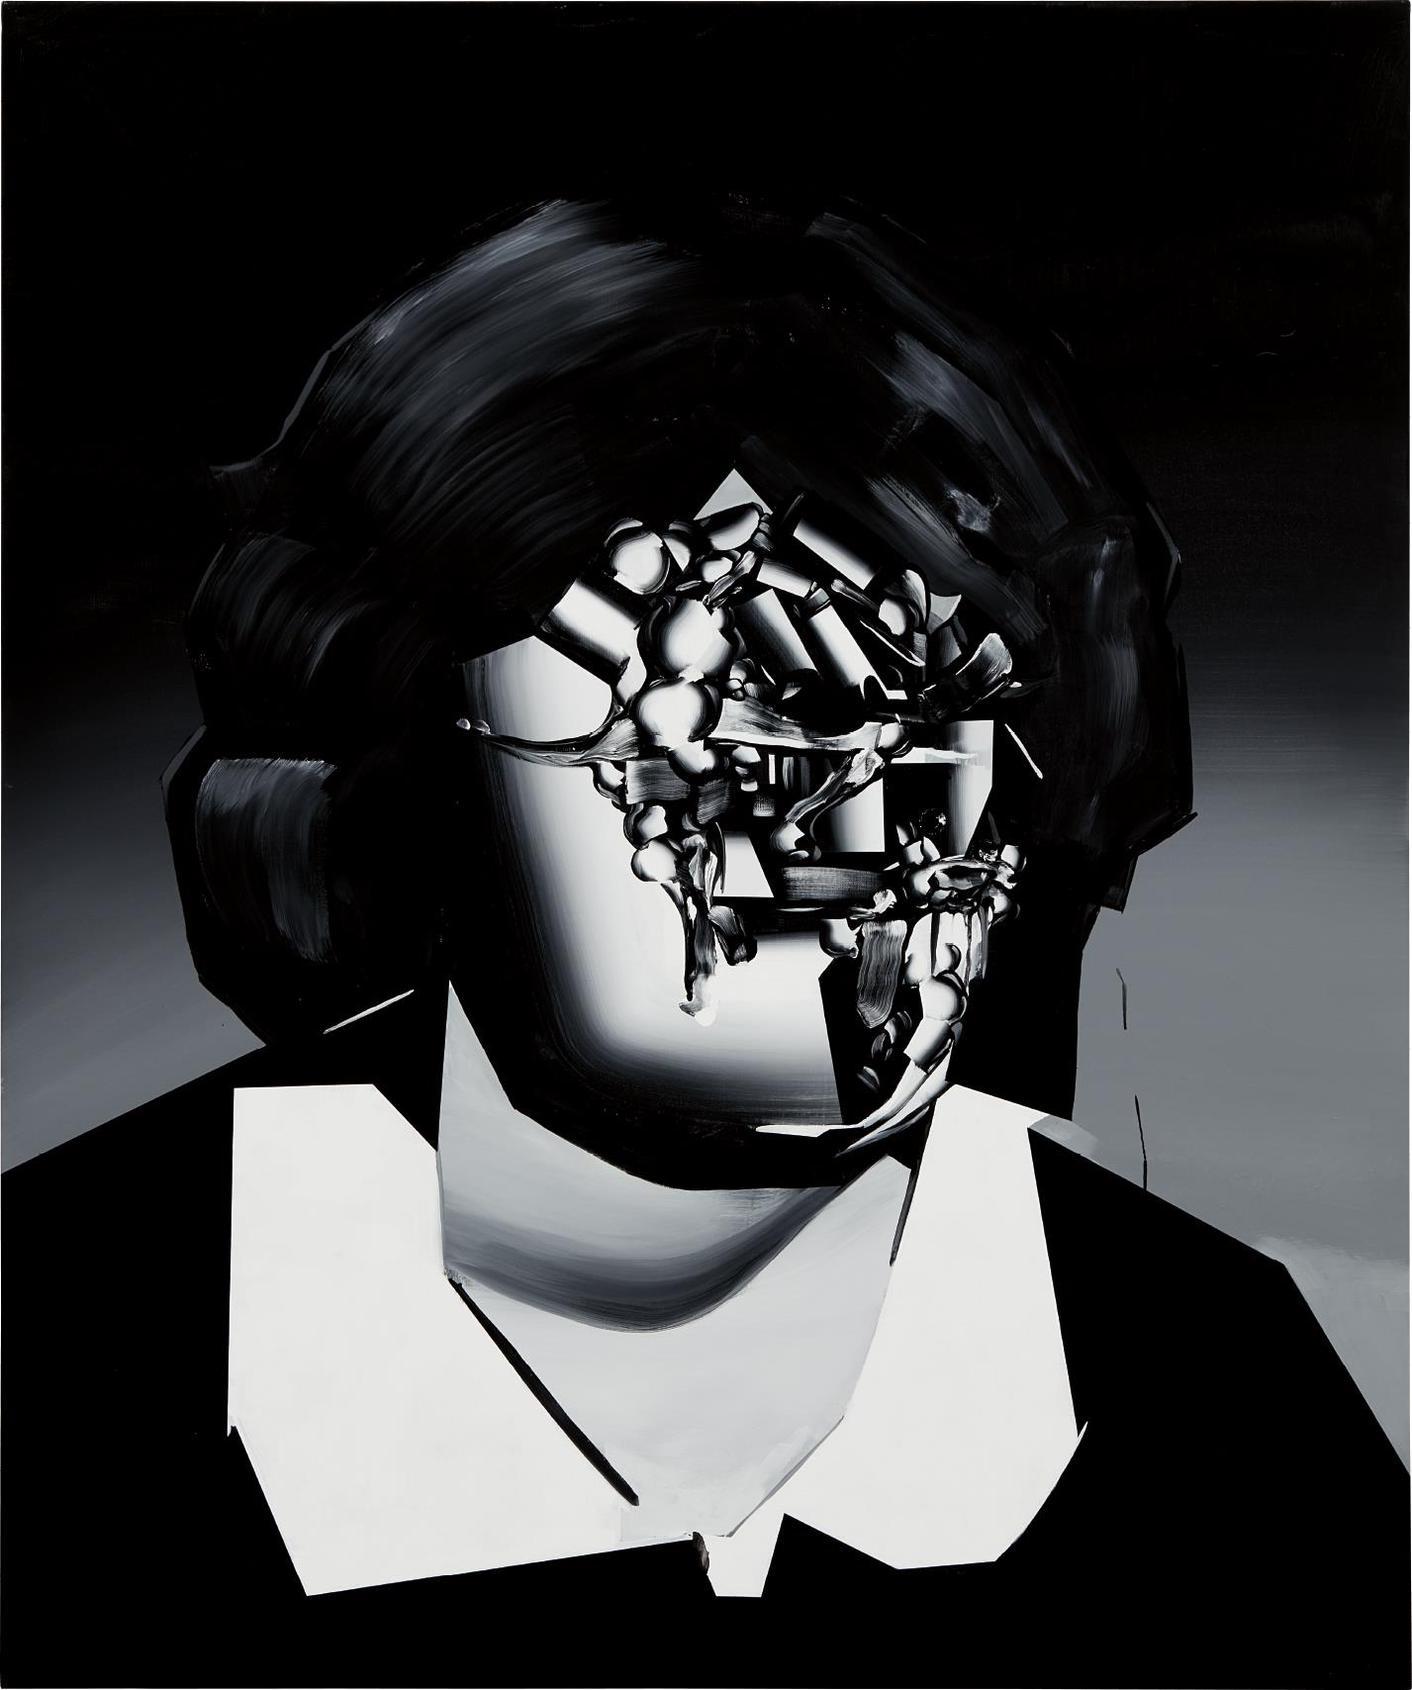 Tomoo Gokita-General Emotionality-2008